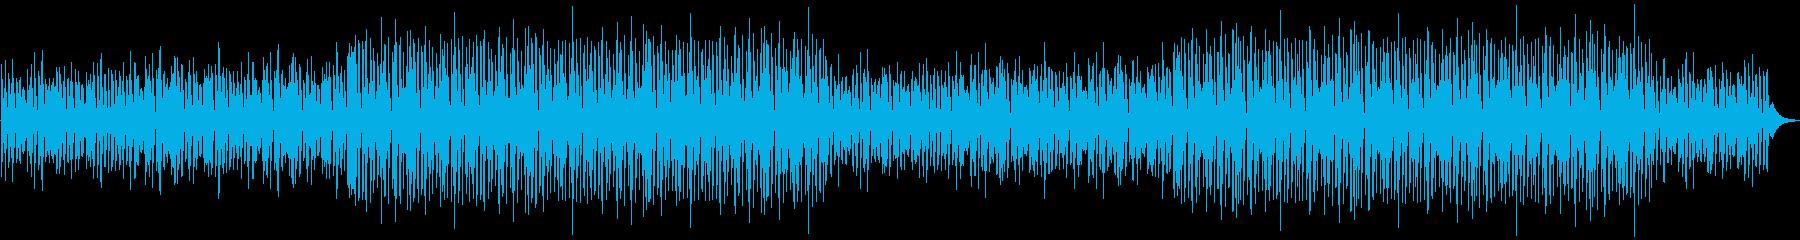 誕生日・明るいハッピーポップオーケストラの再生済みの波形